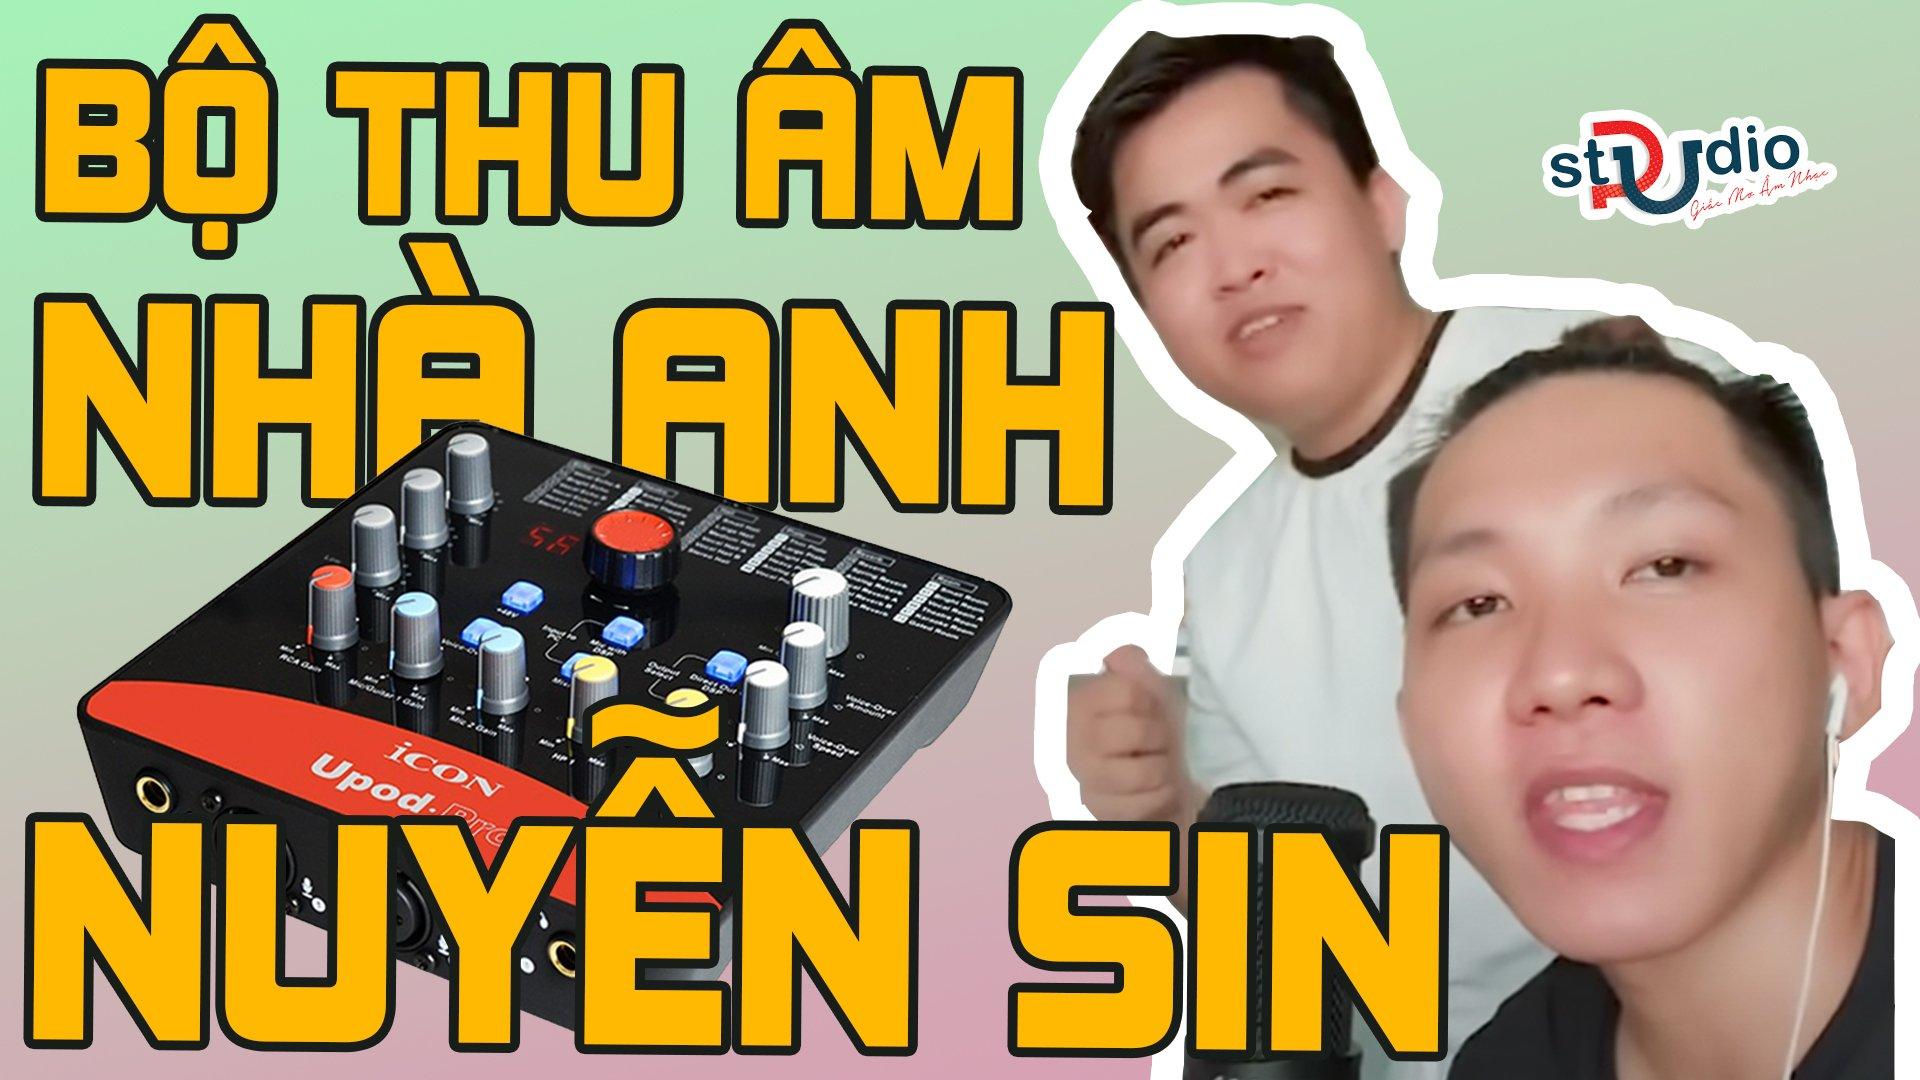 Thăm nhà Nguyễn Sin cùng bột thu âm Icon Upod Pro Micro thu âm AT2020 Auto Tune cực đỉnh